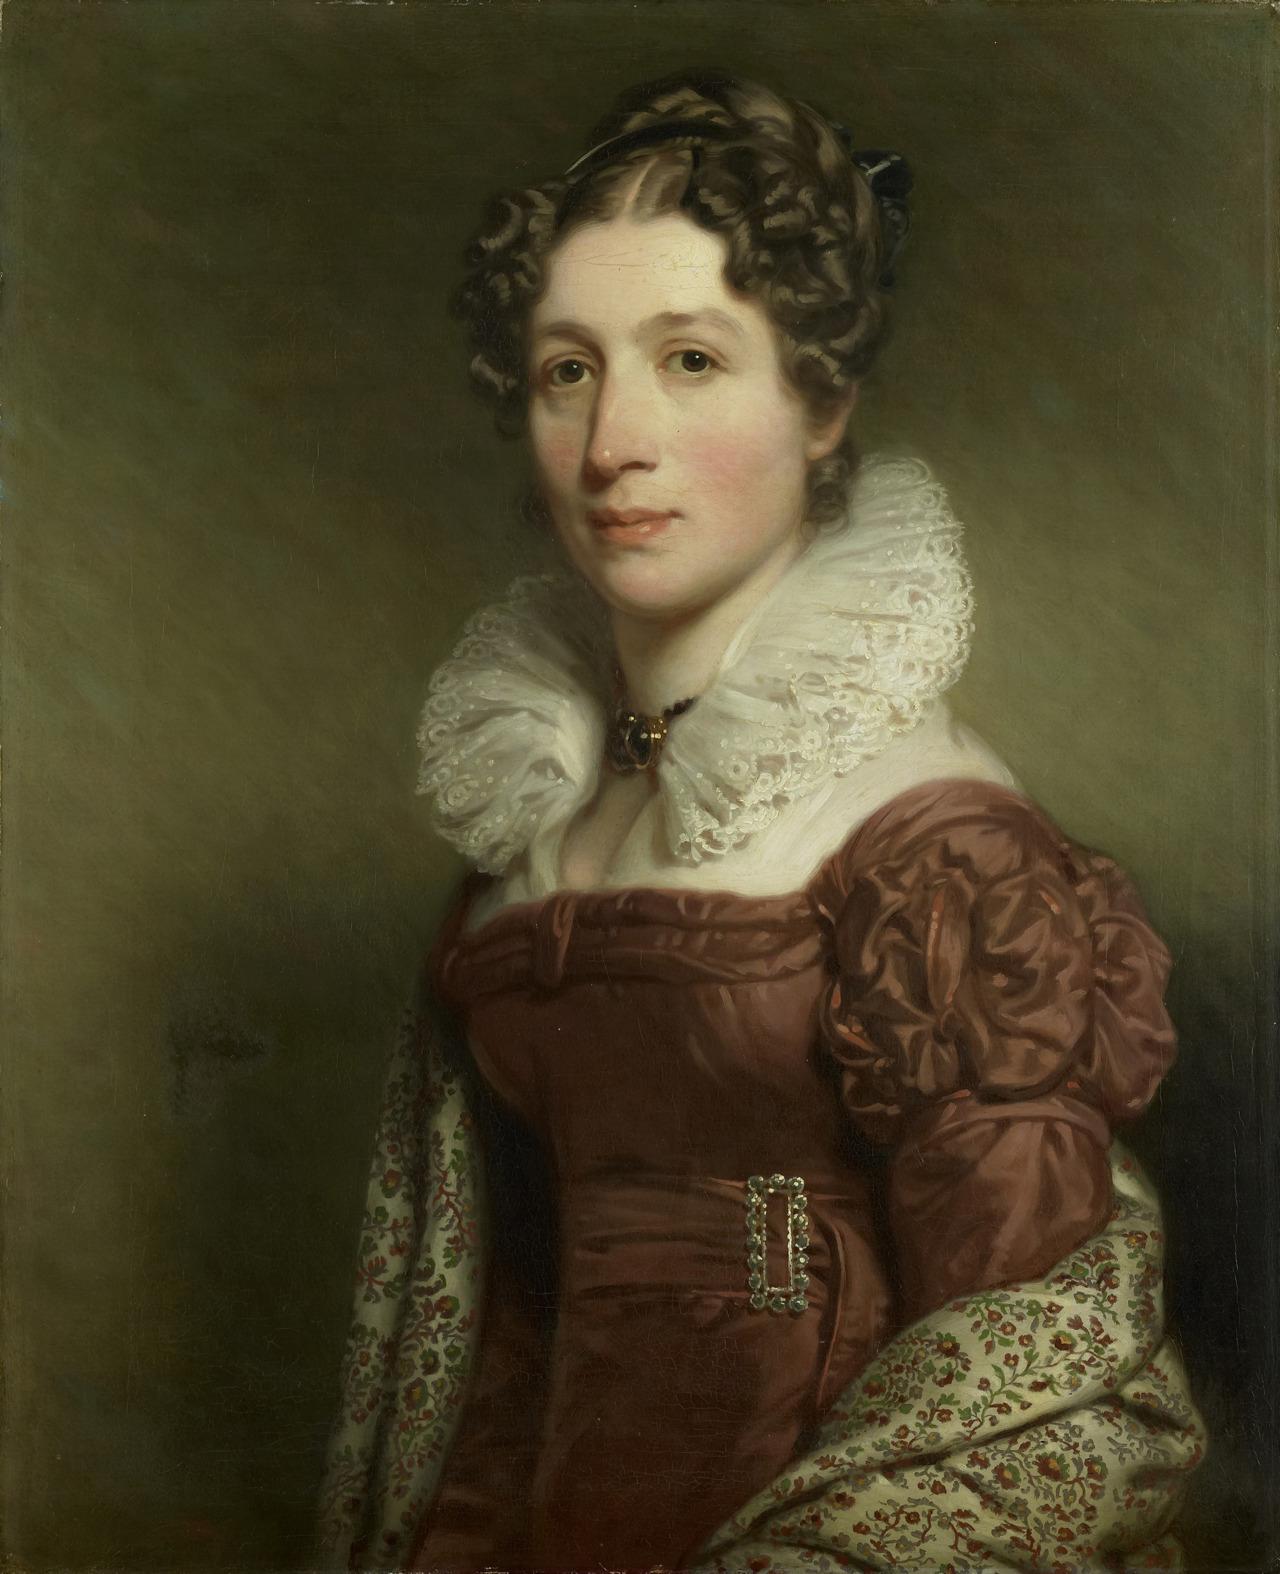 Jacoba Vetter